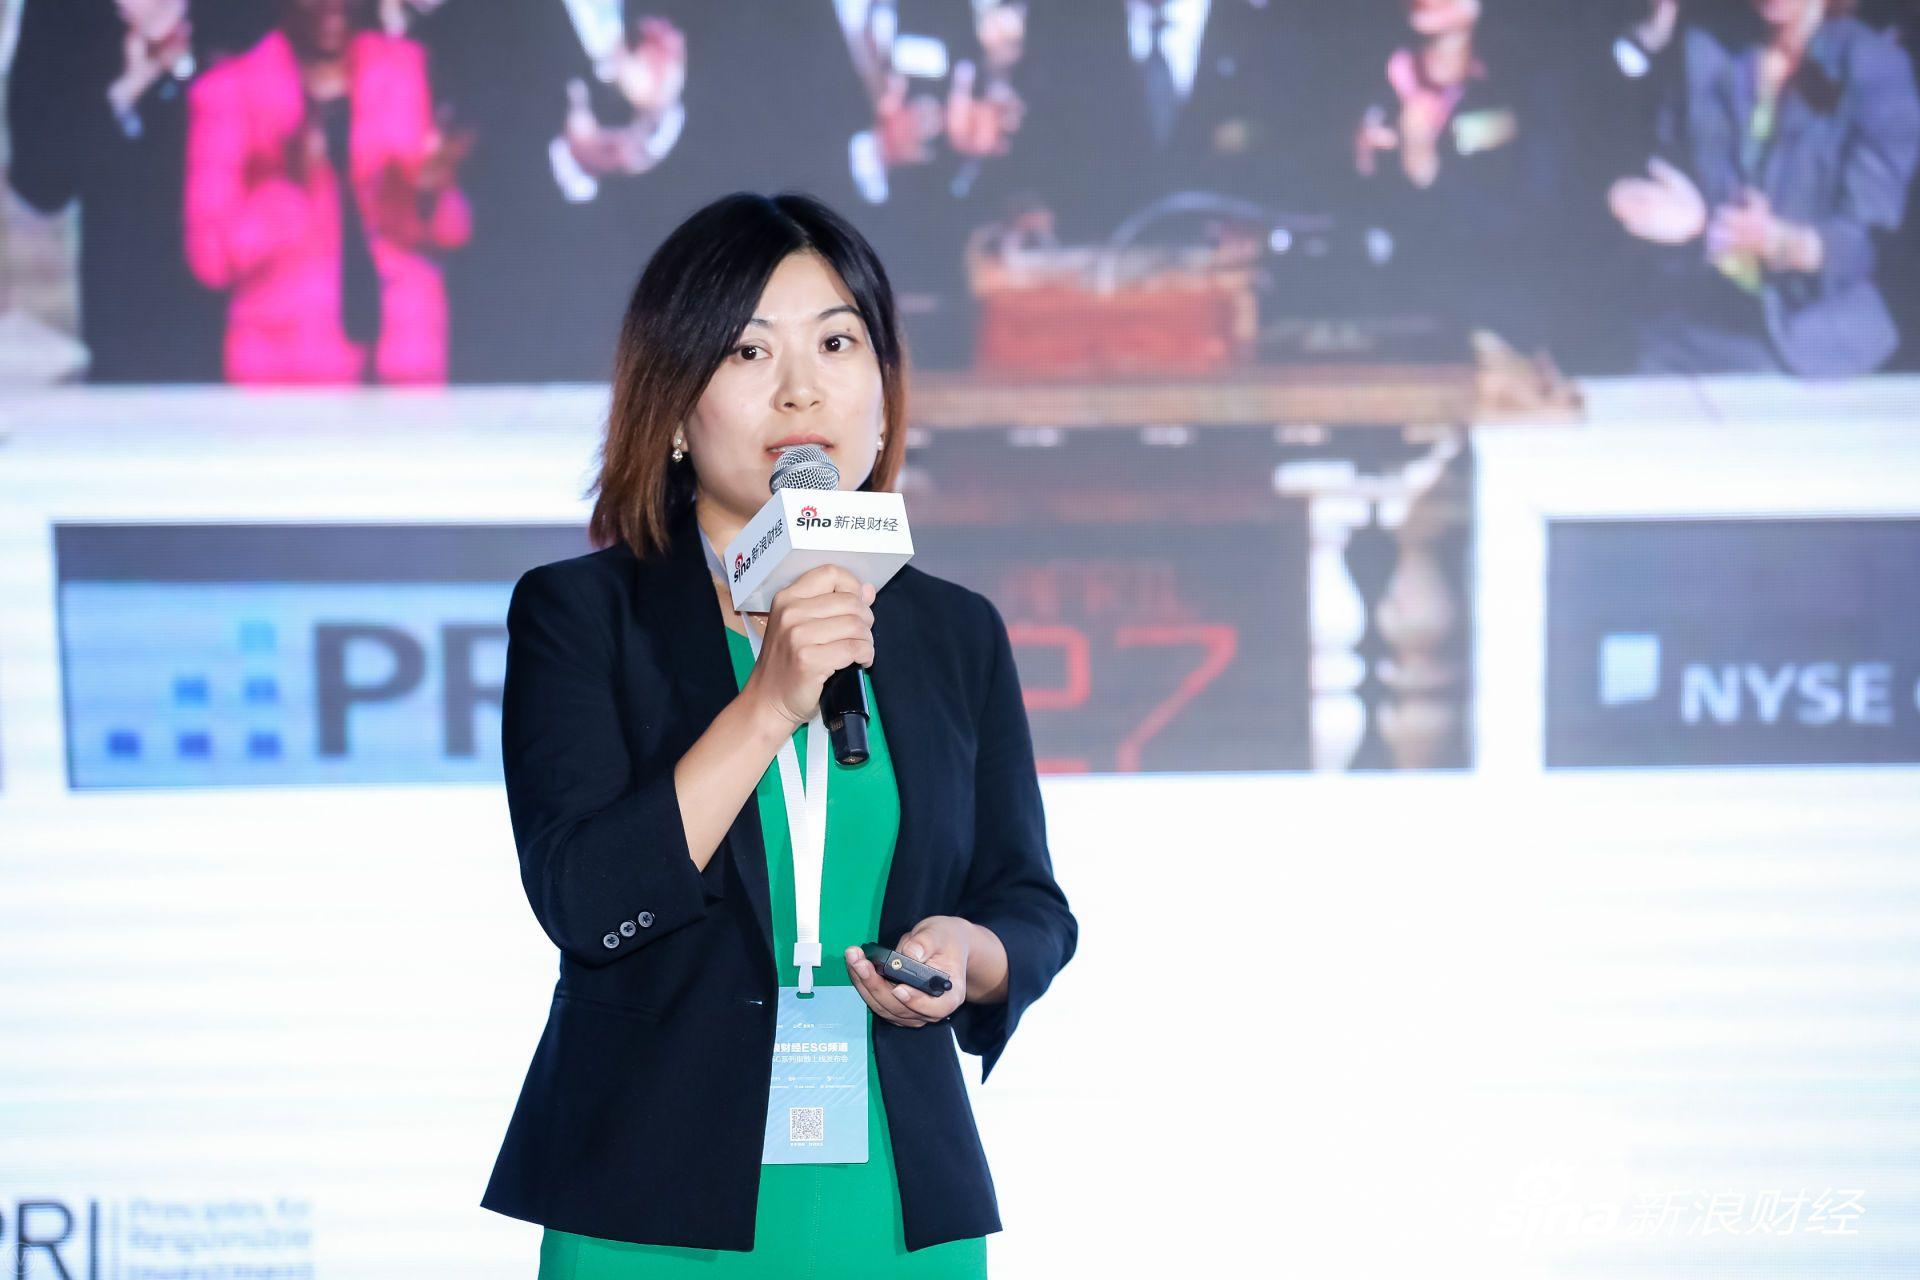 """联合国责任投资原则组织PRI中国区负责人罗楠发表""""ESG投资:收益、风险以及责任""""主题演讲。(?#35745;?#26469;源:新浪财经)"""